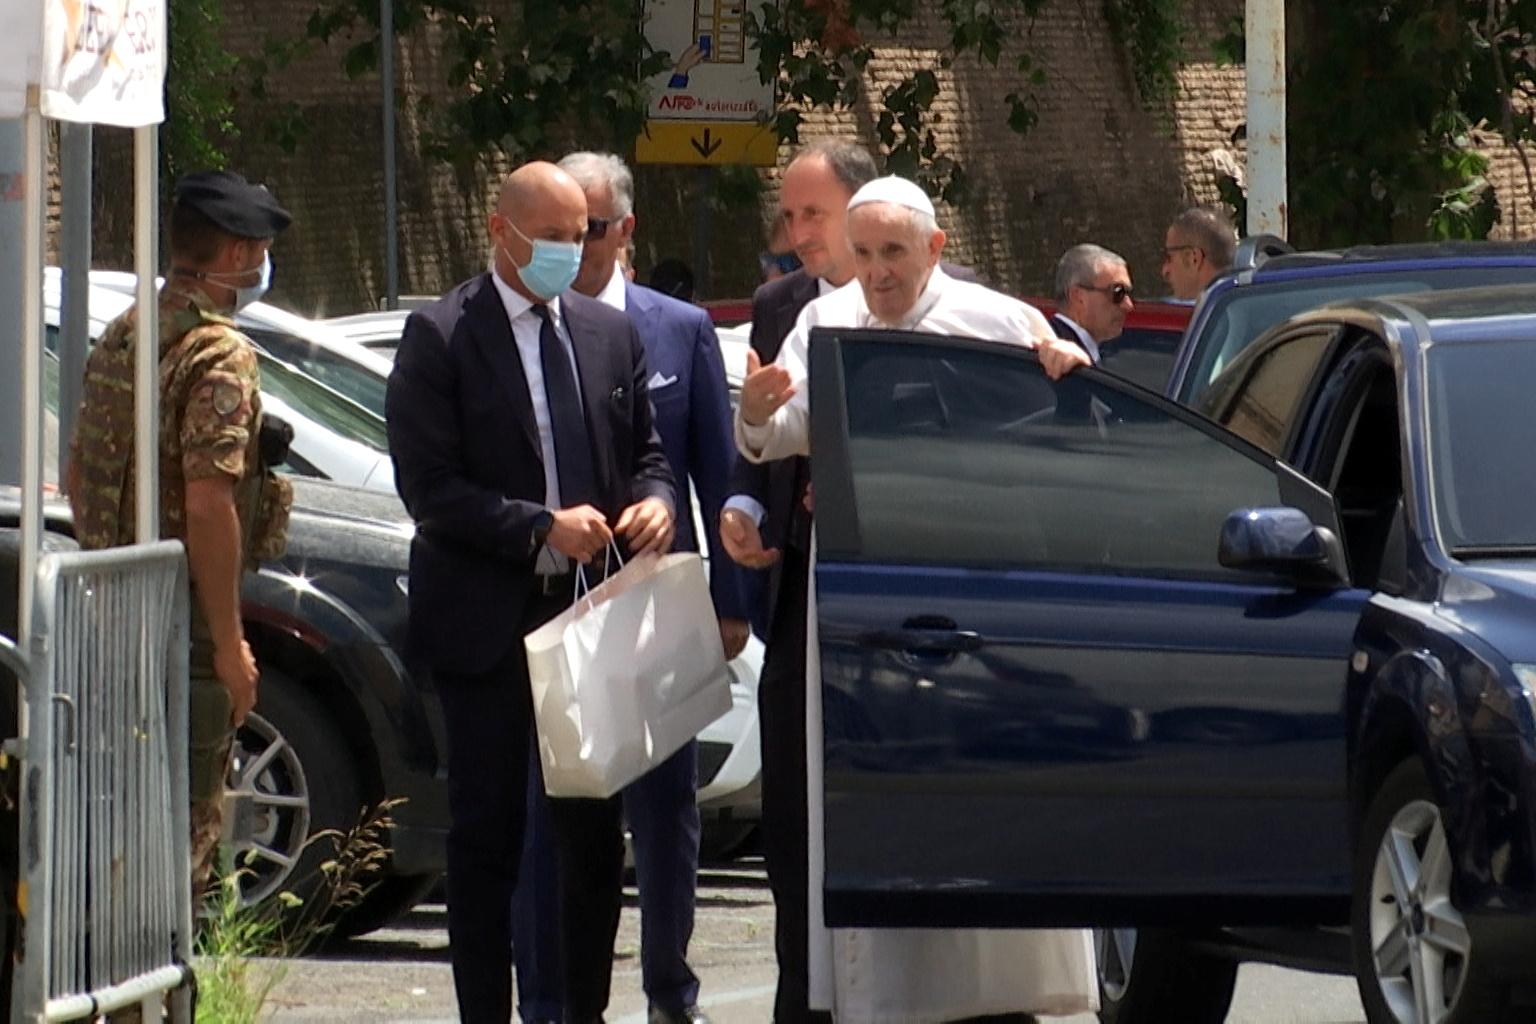 Puji Tuhan, Paus Fransiskus Sudah Kembali ke Vatikan Setelah Dioperasi